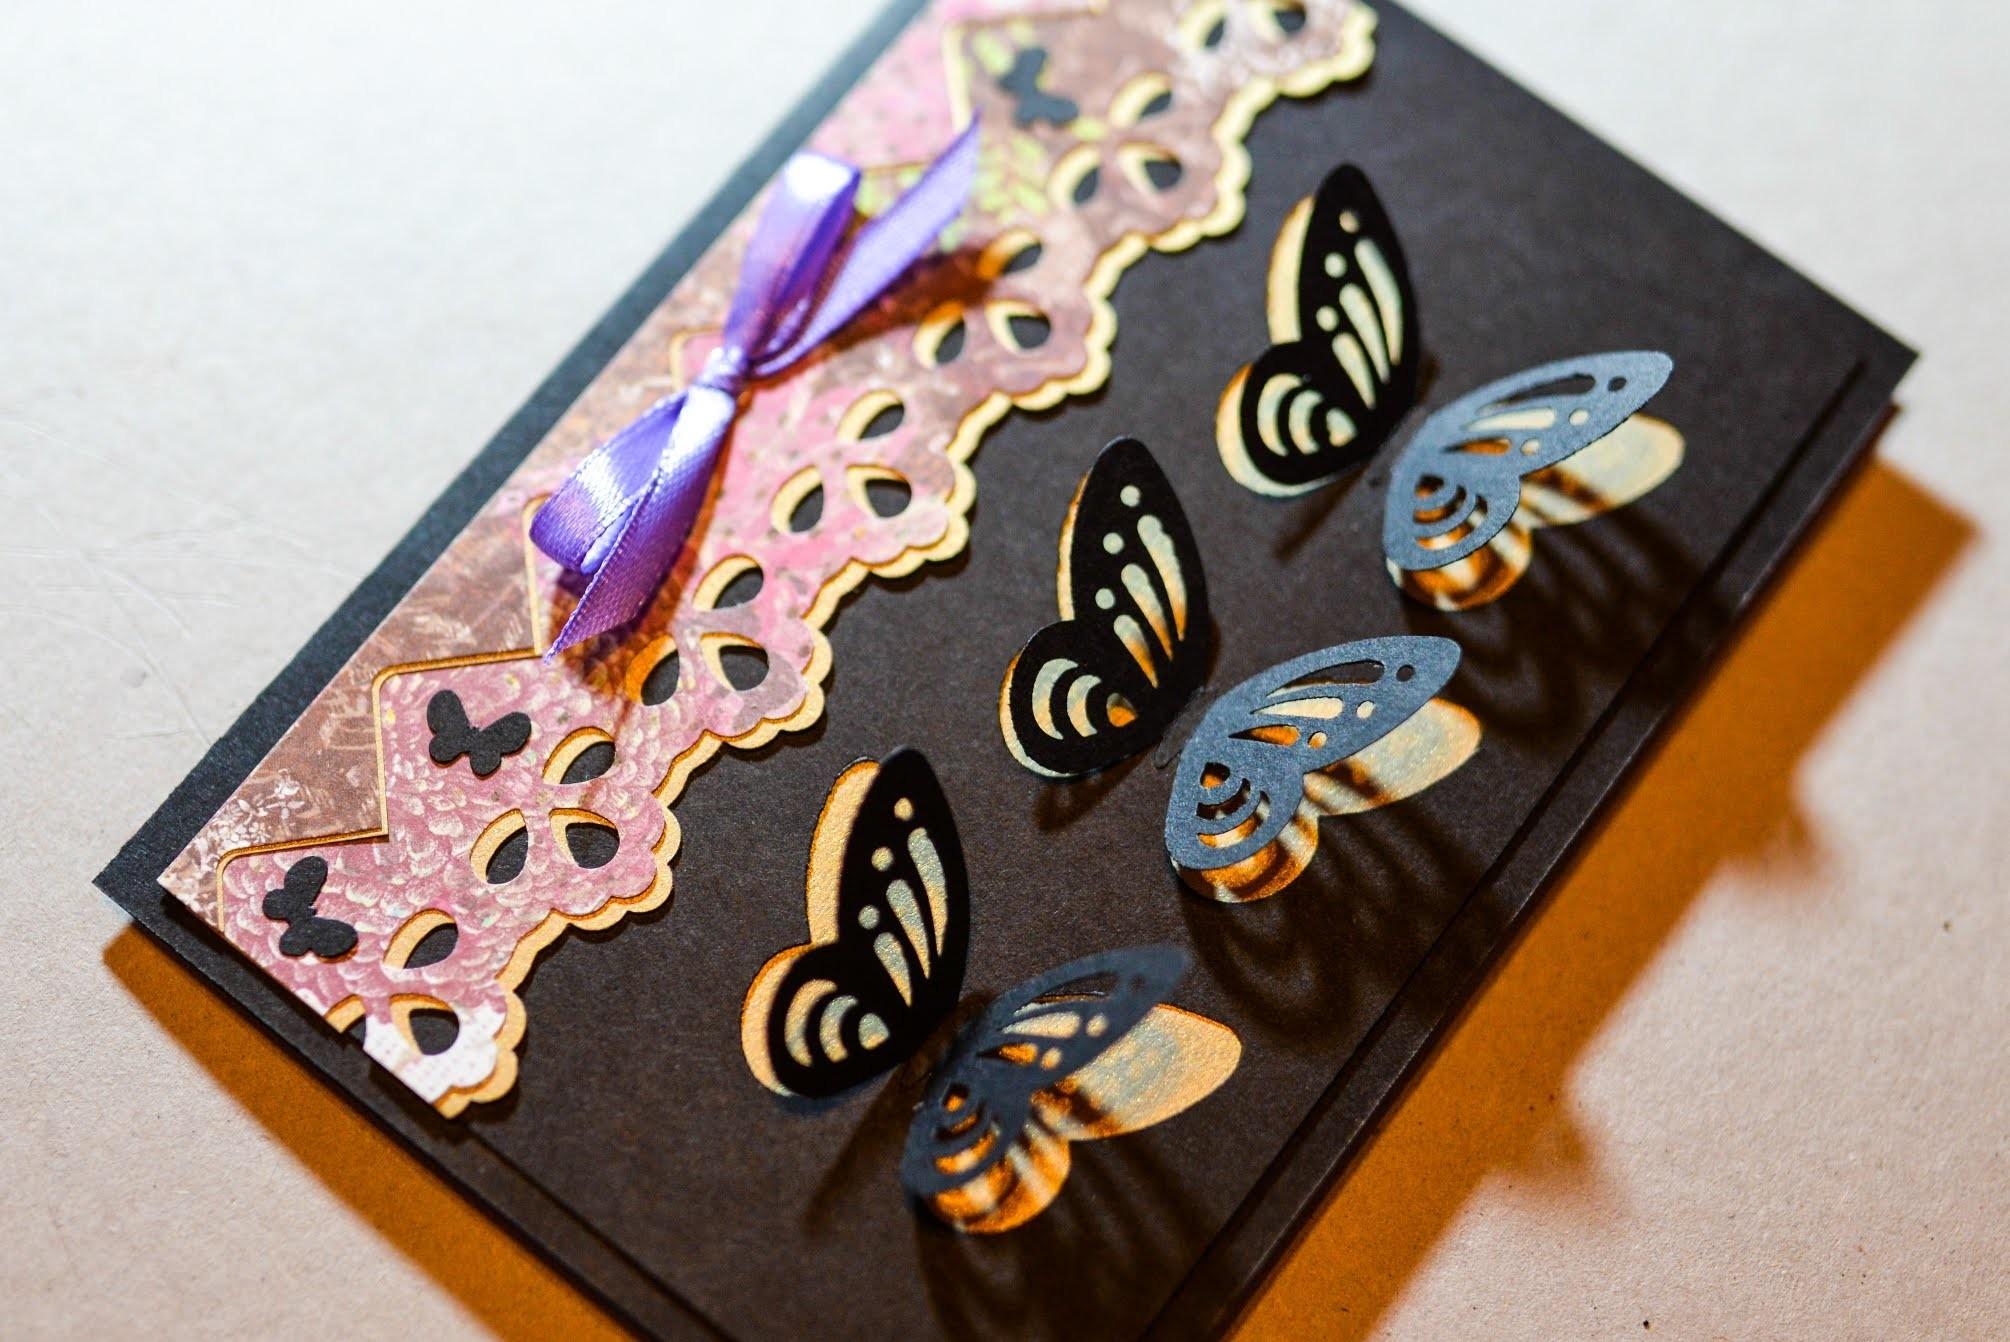 How to Make - Decorative Greeting Card With Butterflies - Step by Step | Kartka Z Czarnymi Motylami